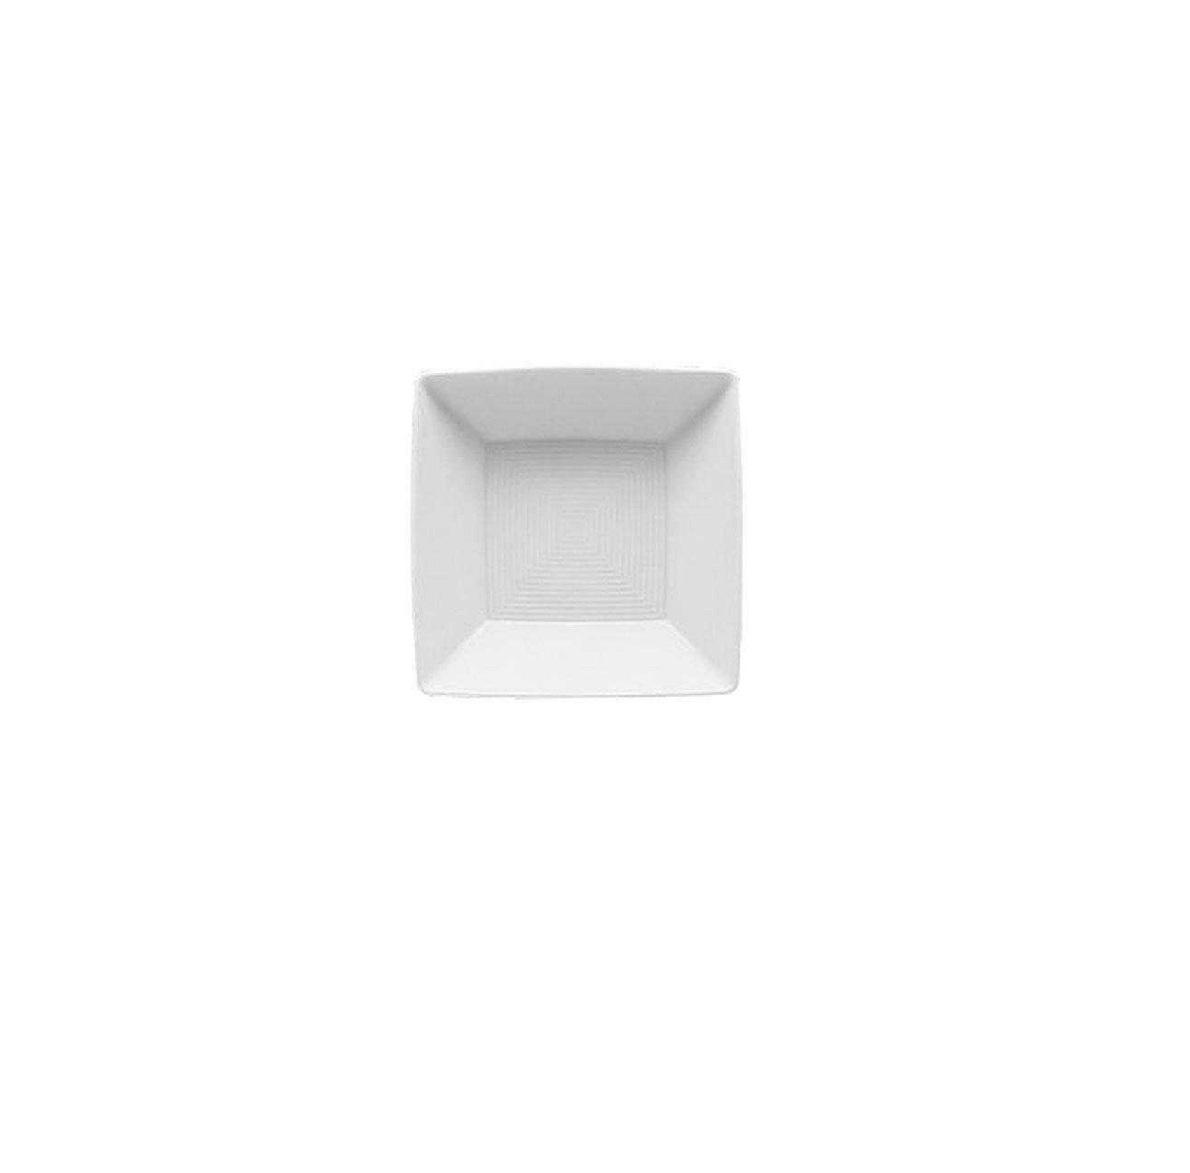 Пиала фарфоровая Rosenthal LOFT, 21х21 см, белый Rosenthal 11900-800001-13071 фото 1